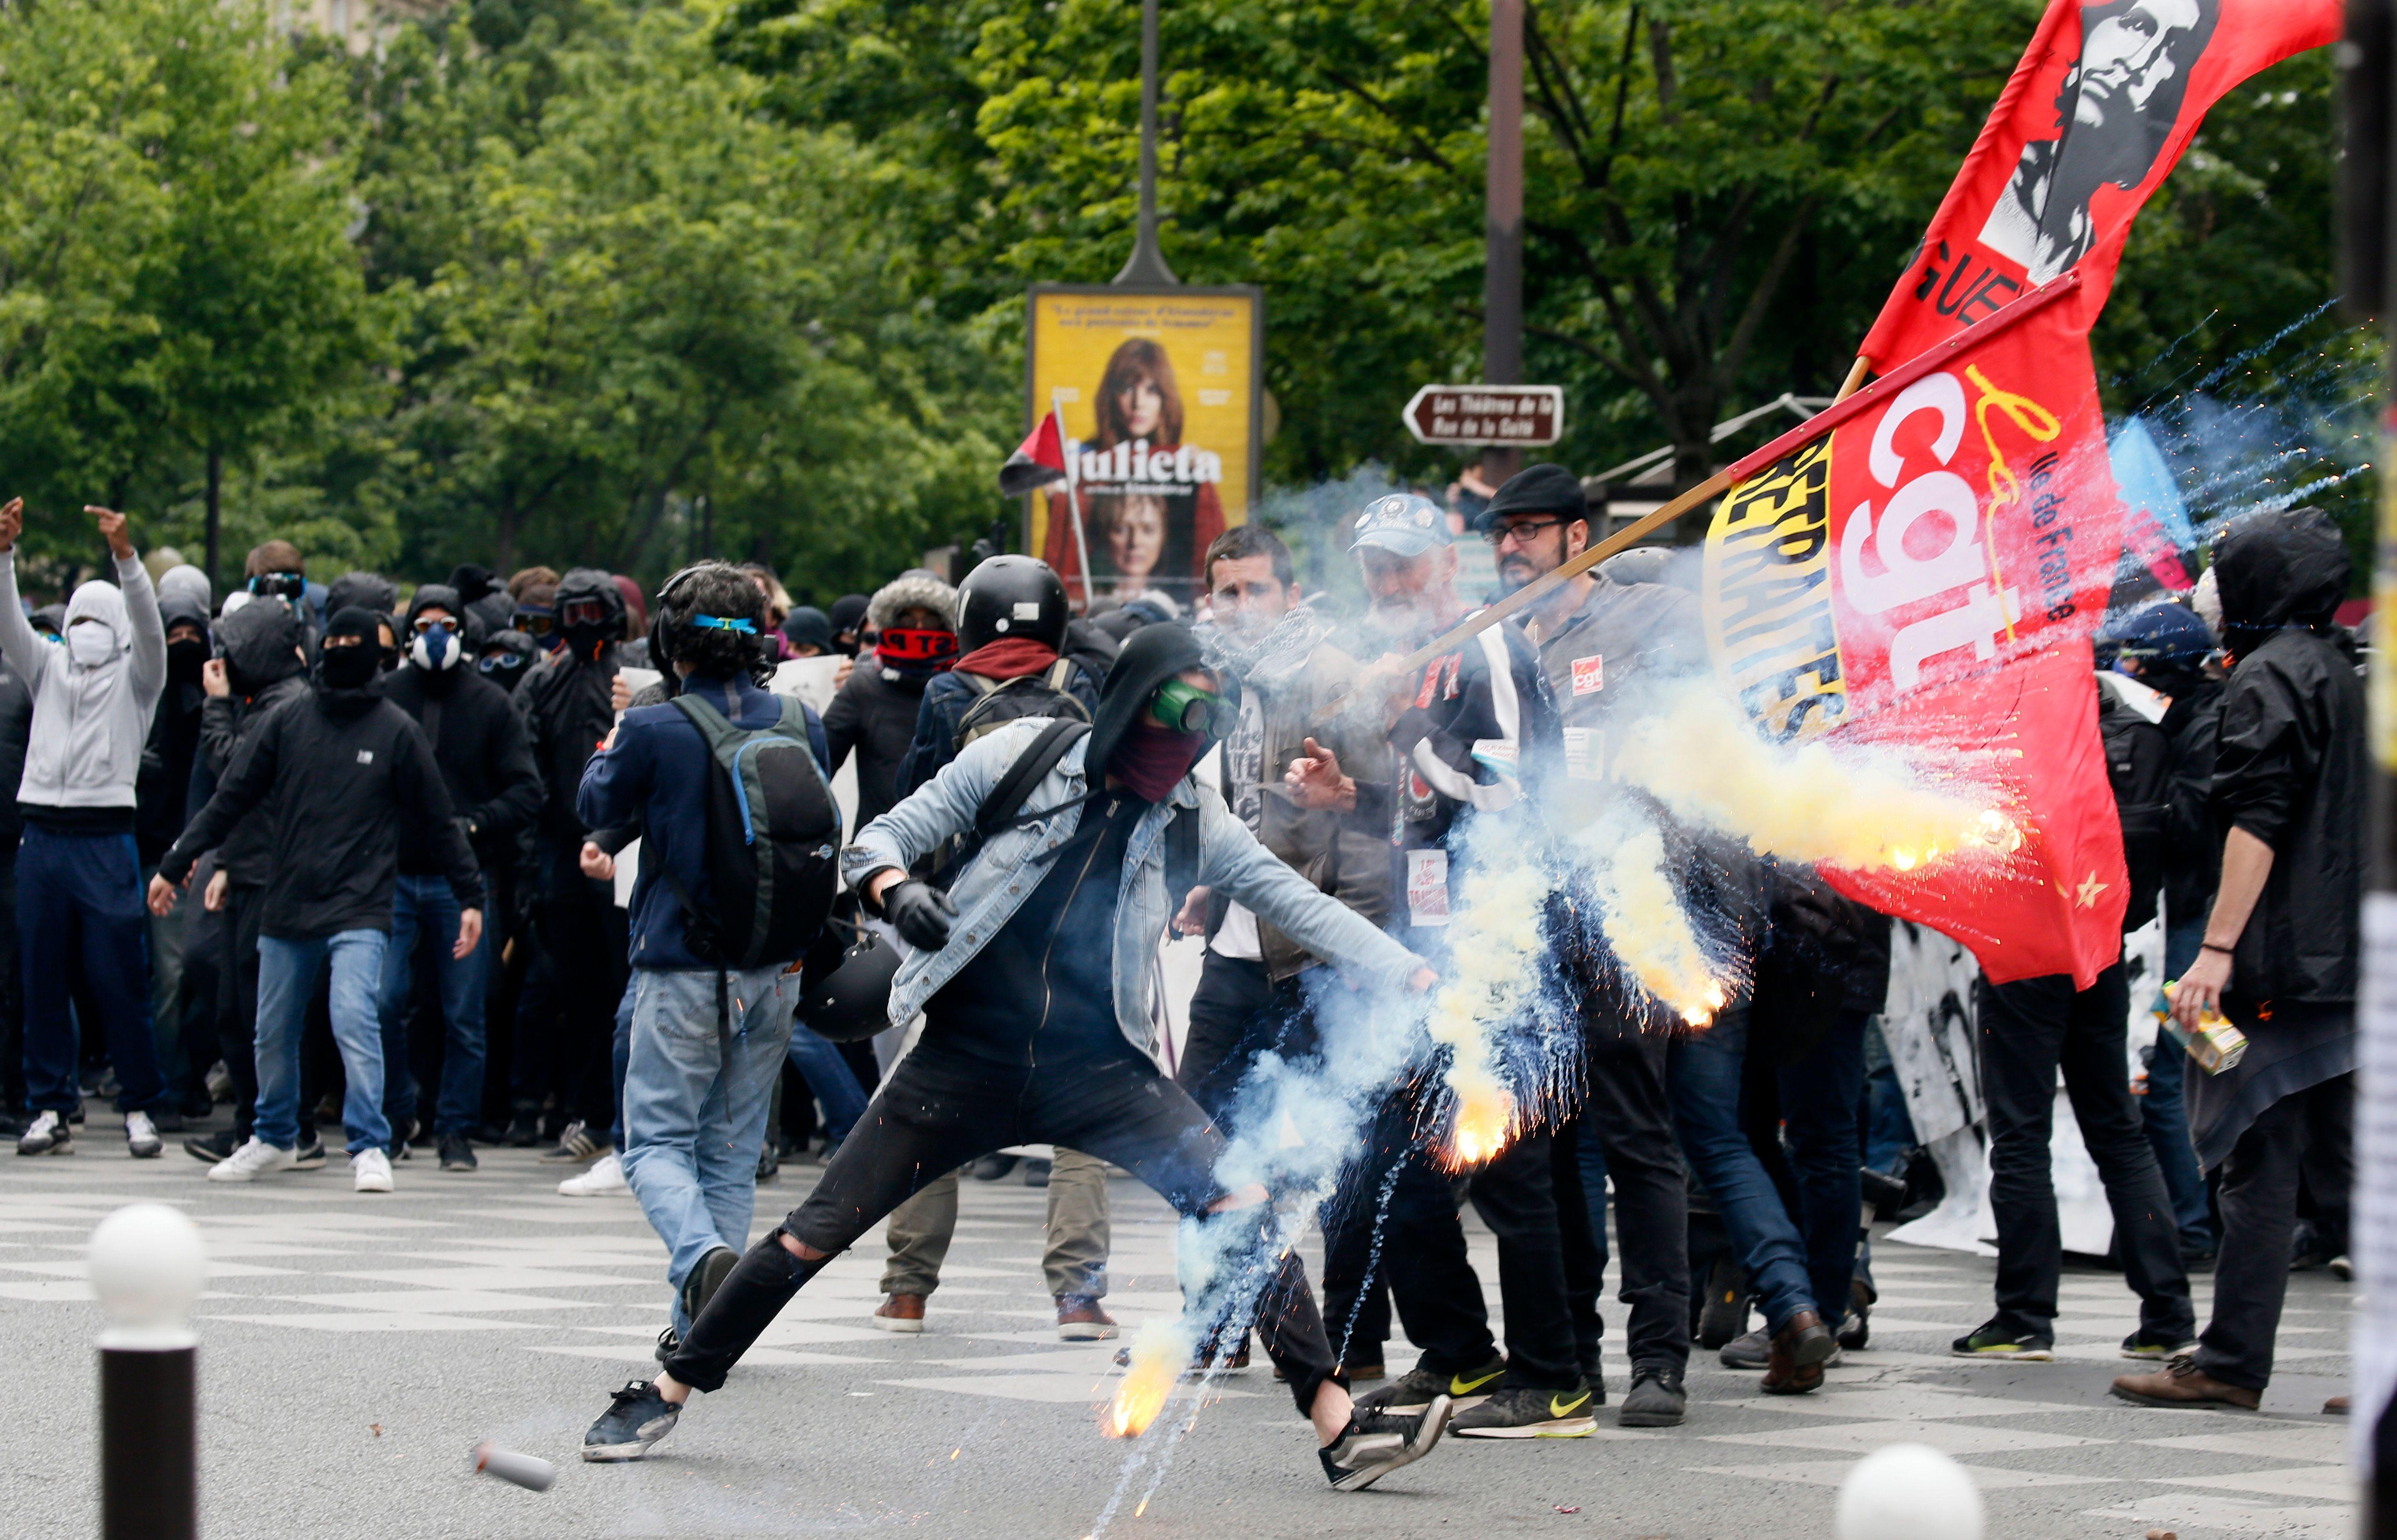 Procès des incendiaires présumés du véhicule de police quai de valmy : la France face aux ravages du retour de la culture de l'excuse